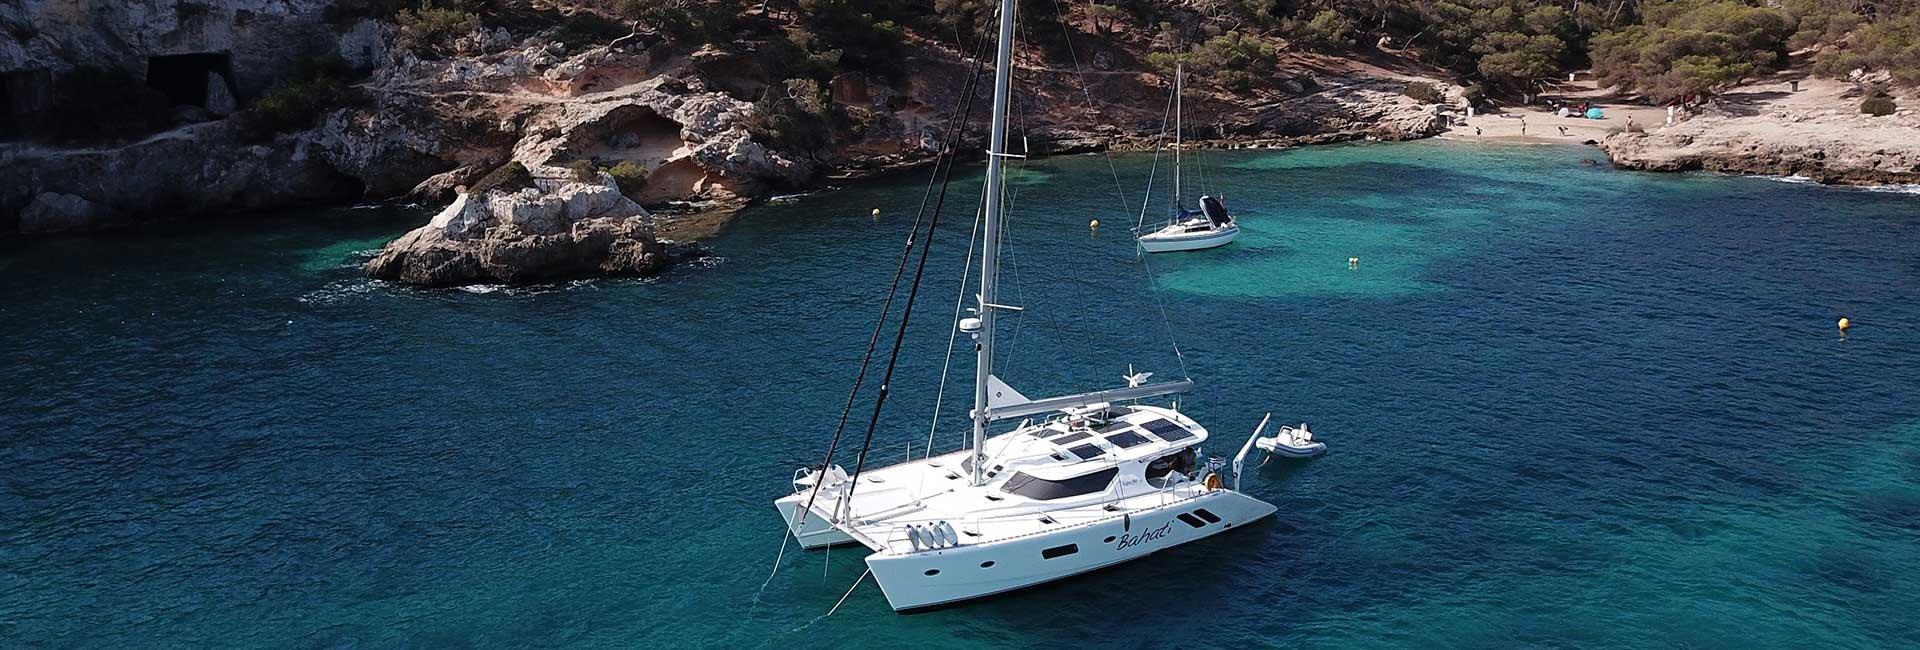 Yacht near the beach